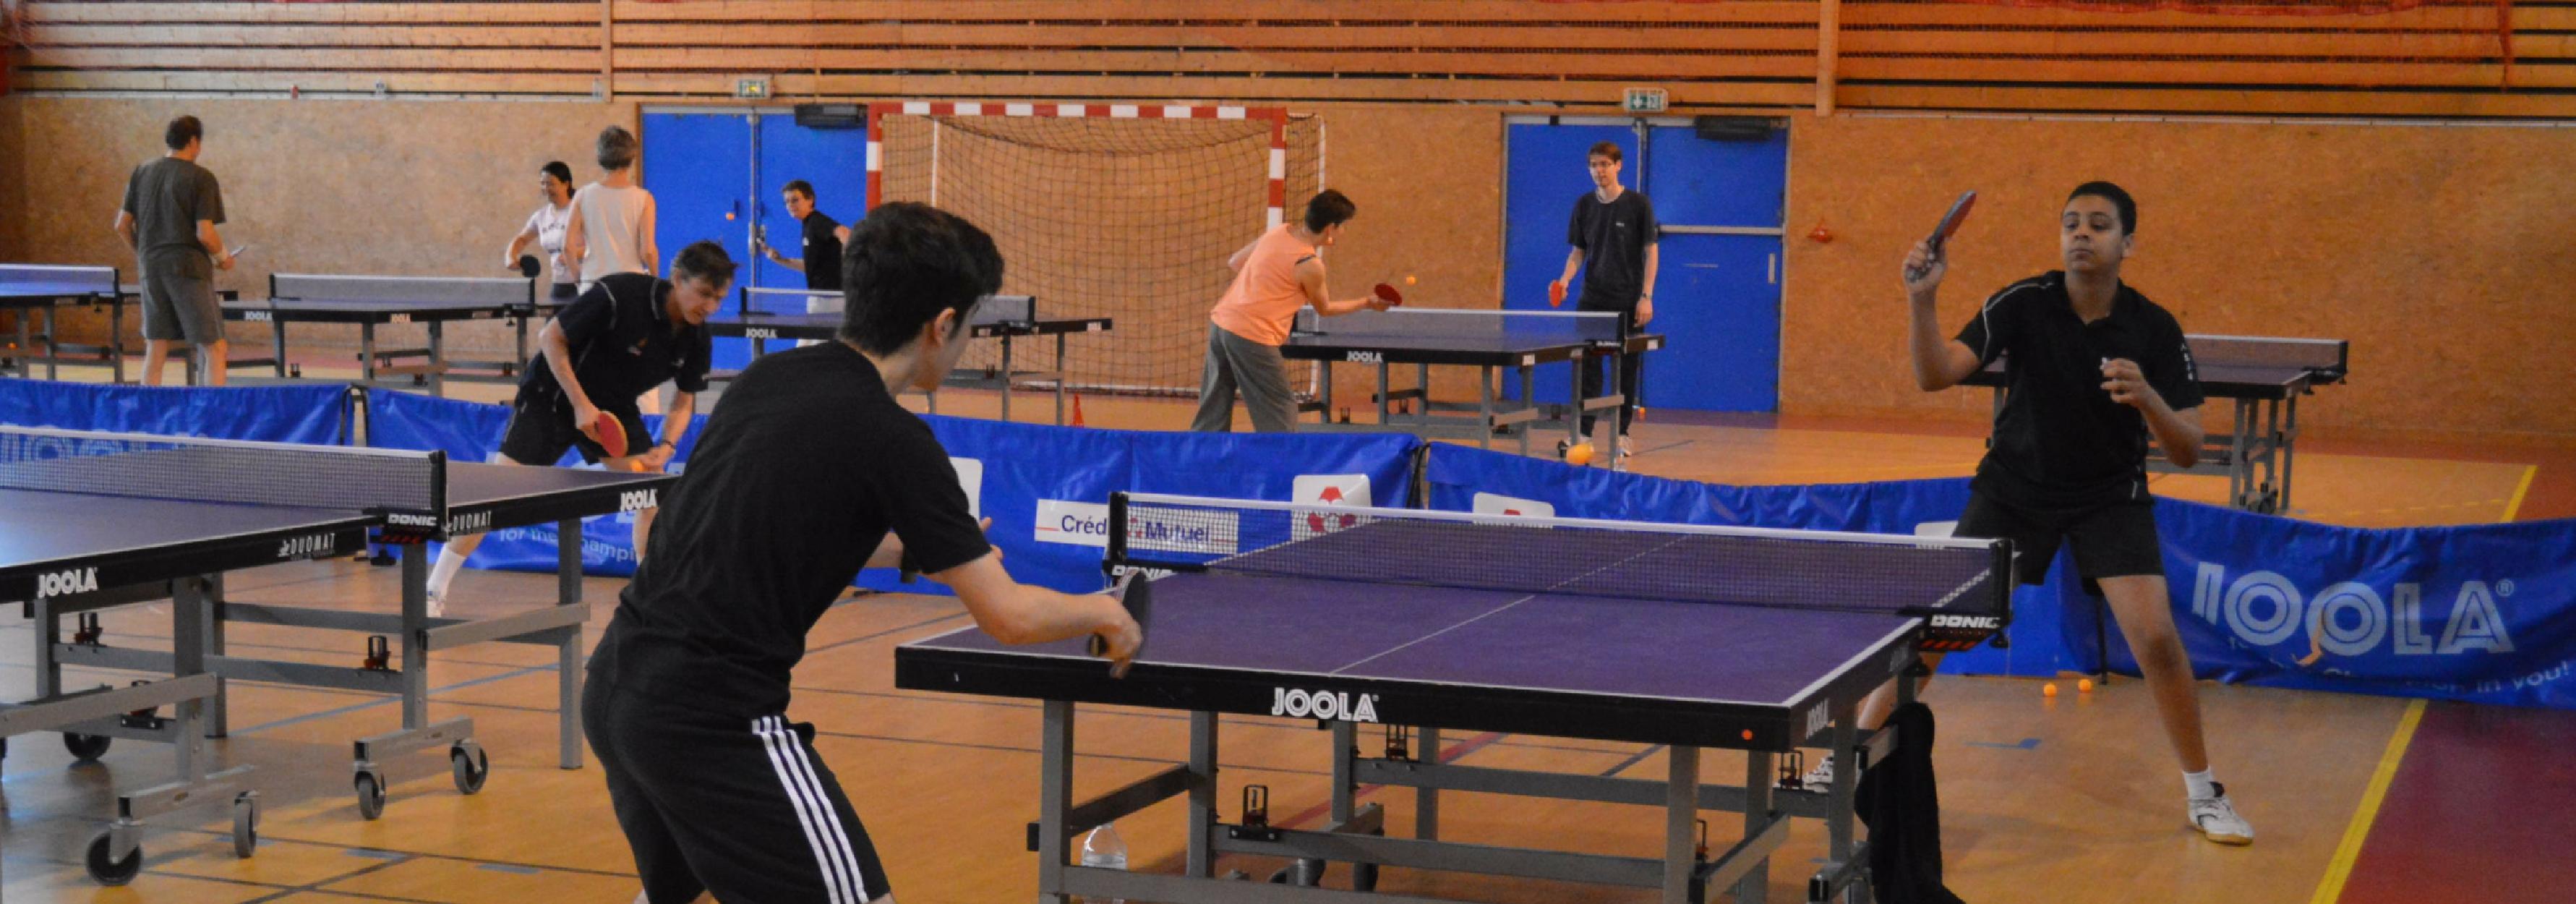 Tennis de table paris sporting paris 20 tennis de table - Club tennis de table paris ...